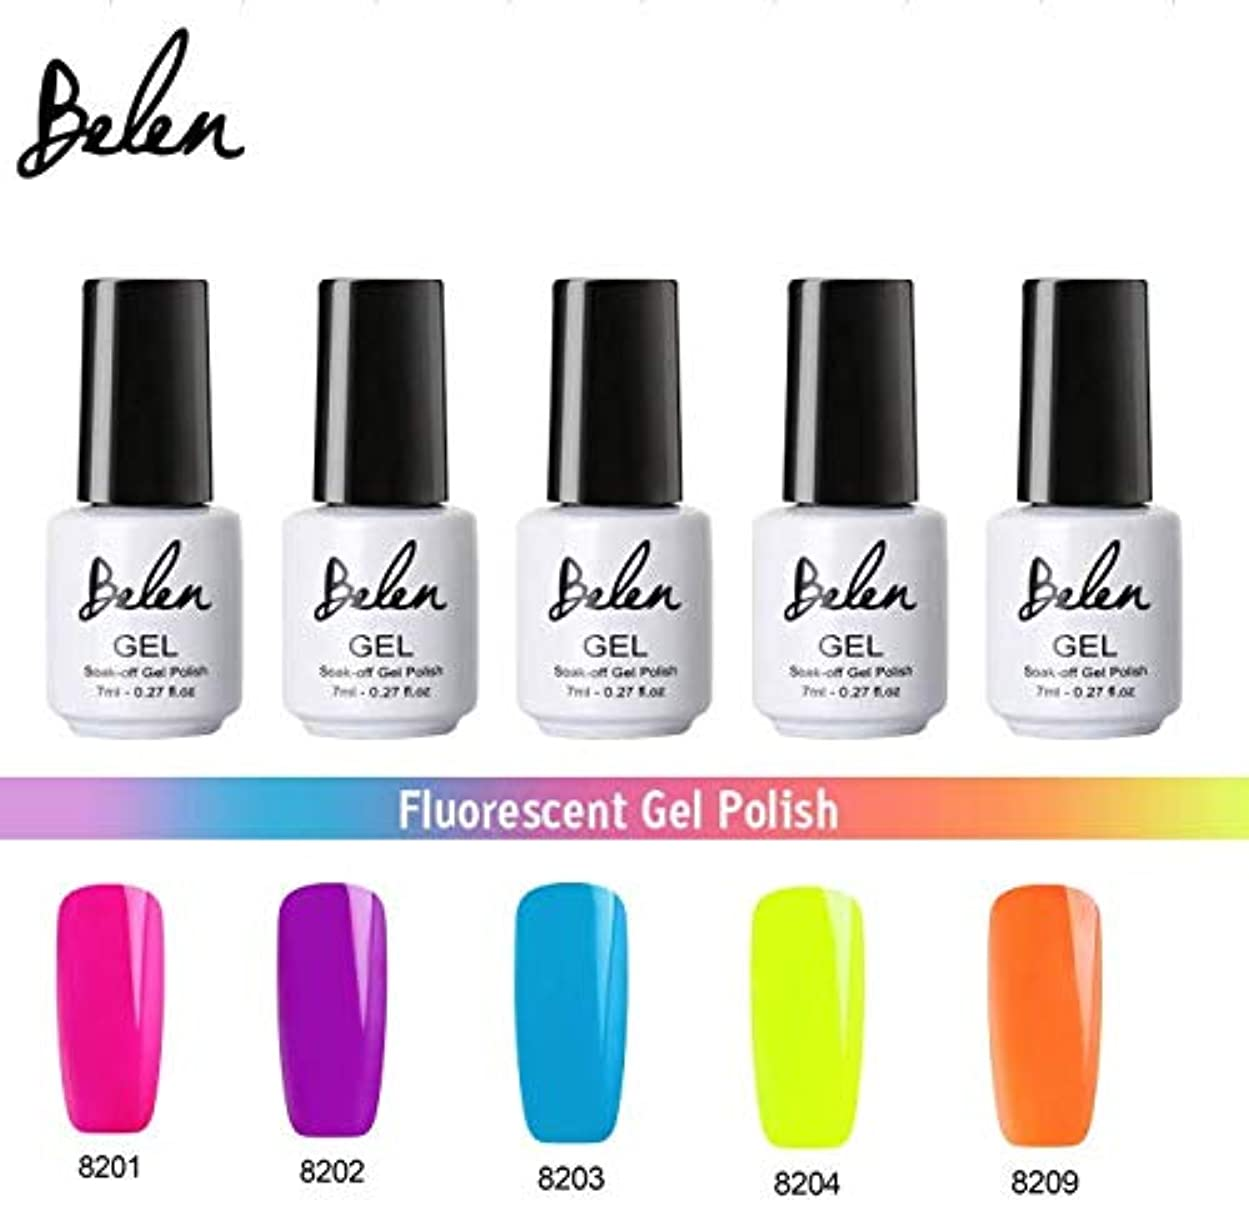 緑に変わる論争的Belen ジェルネイル カラージェル 蛍光色カラージェル 5色 セット 7ml